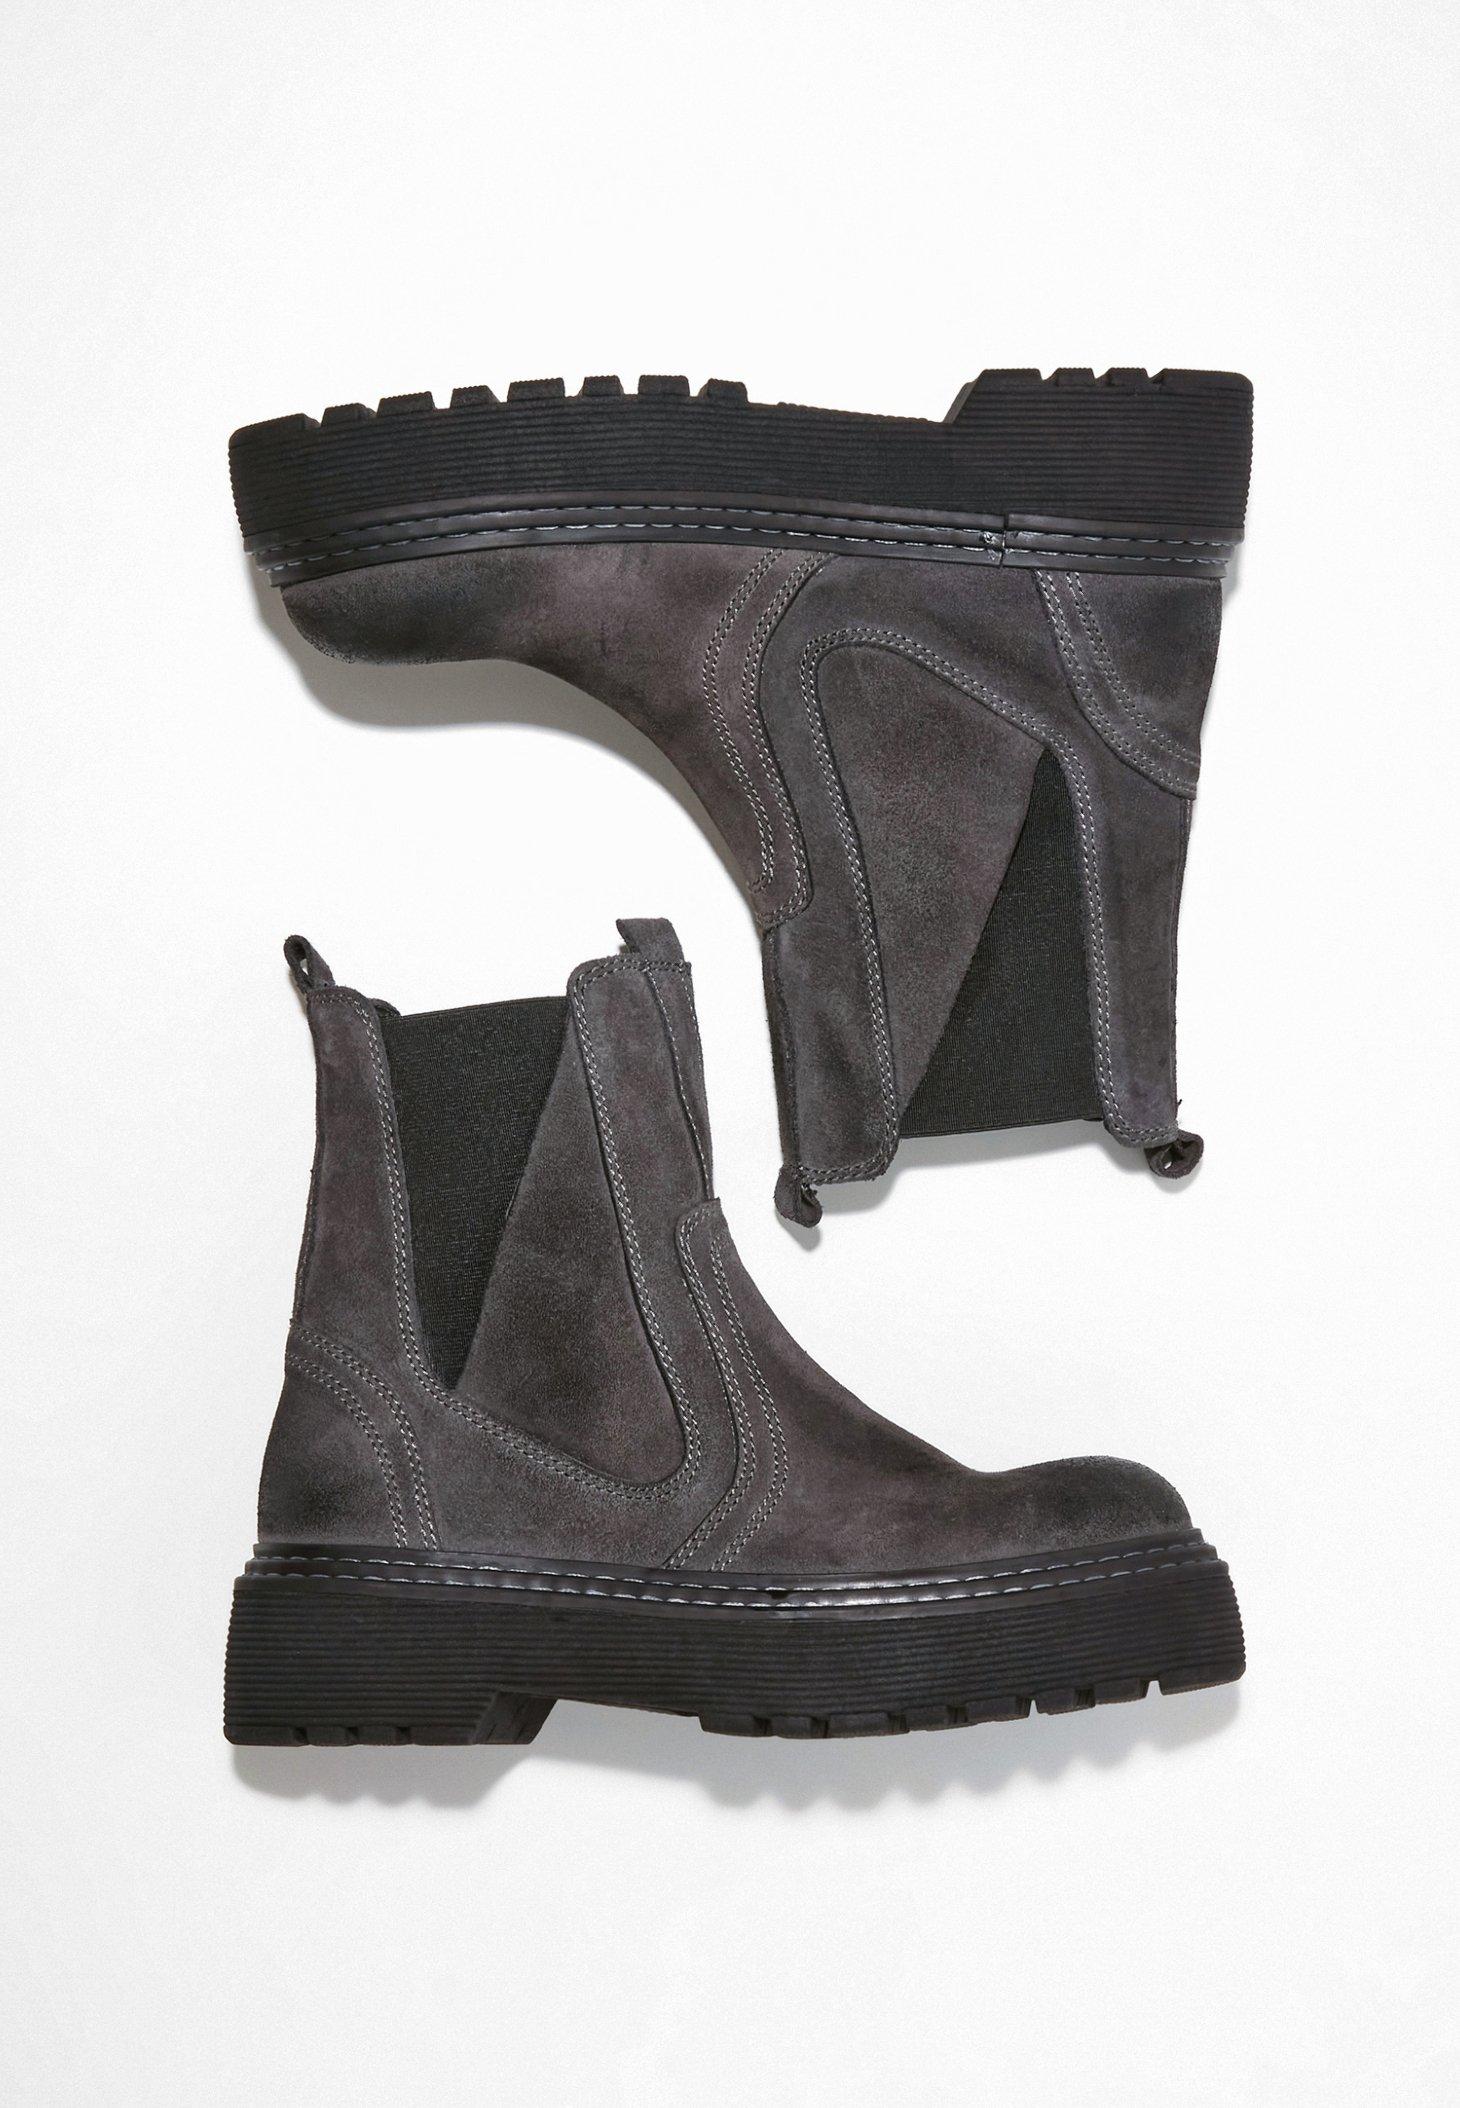 Inuovo Stiefelette - sd graphite cgp | Damen Schuhe 2020